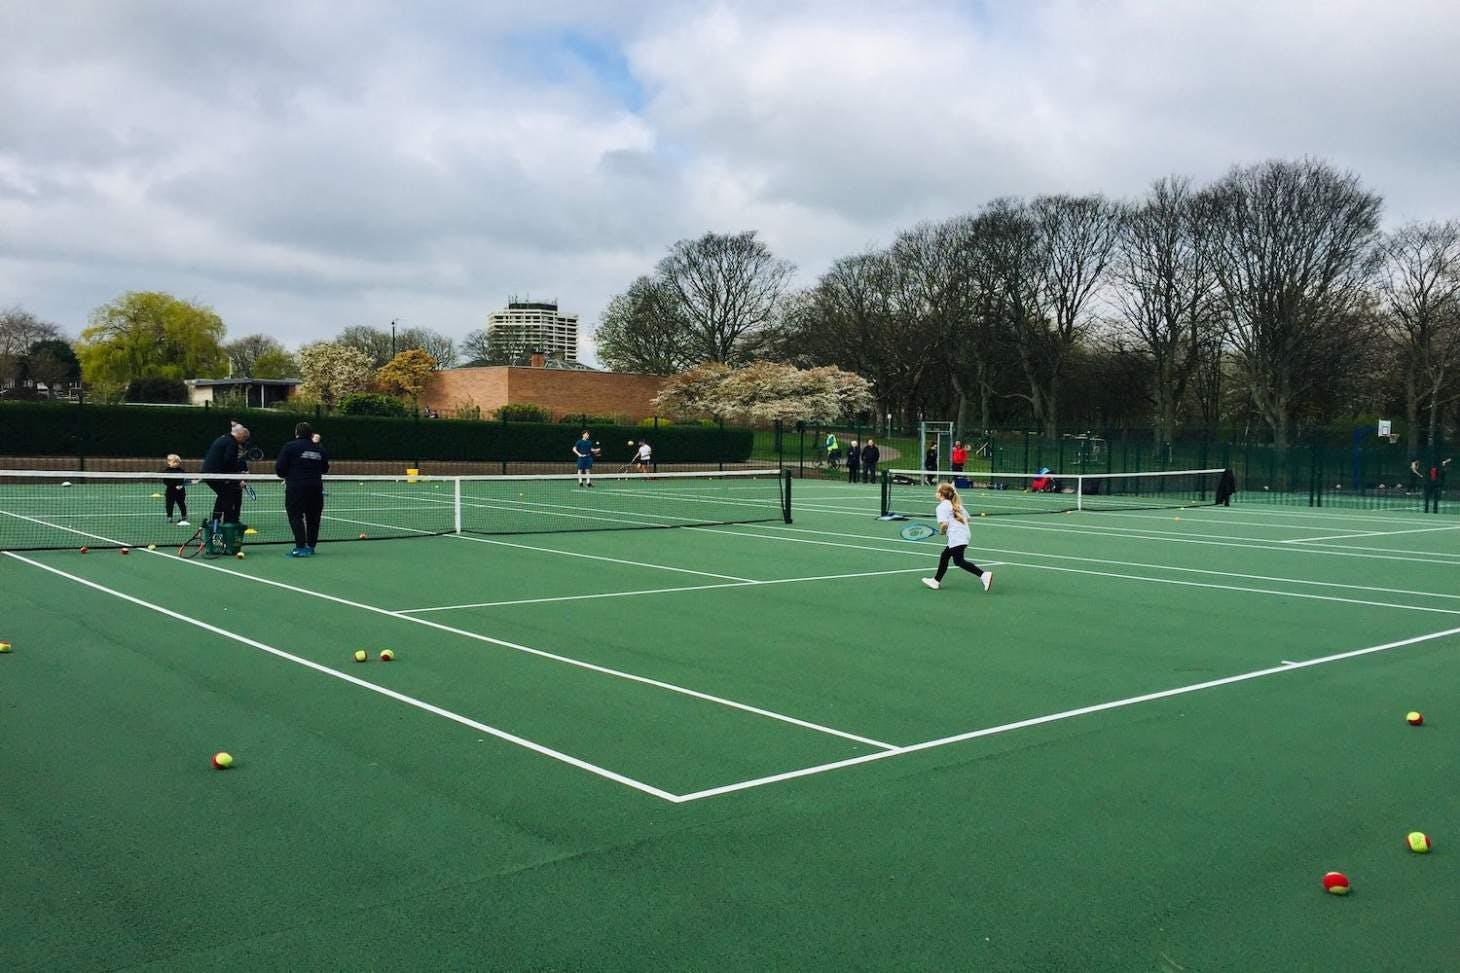 Clifton Park Outdoor | Hard (macadam) tennis court